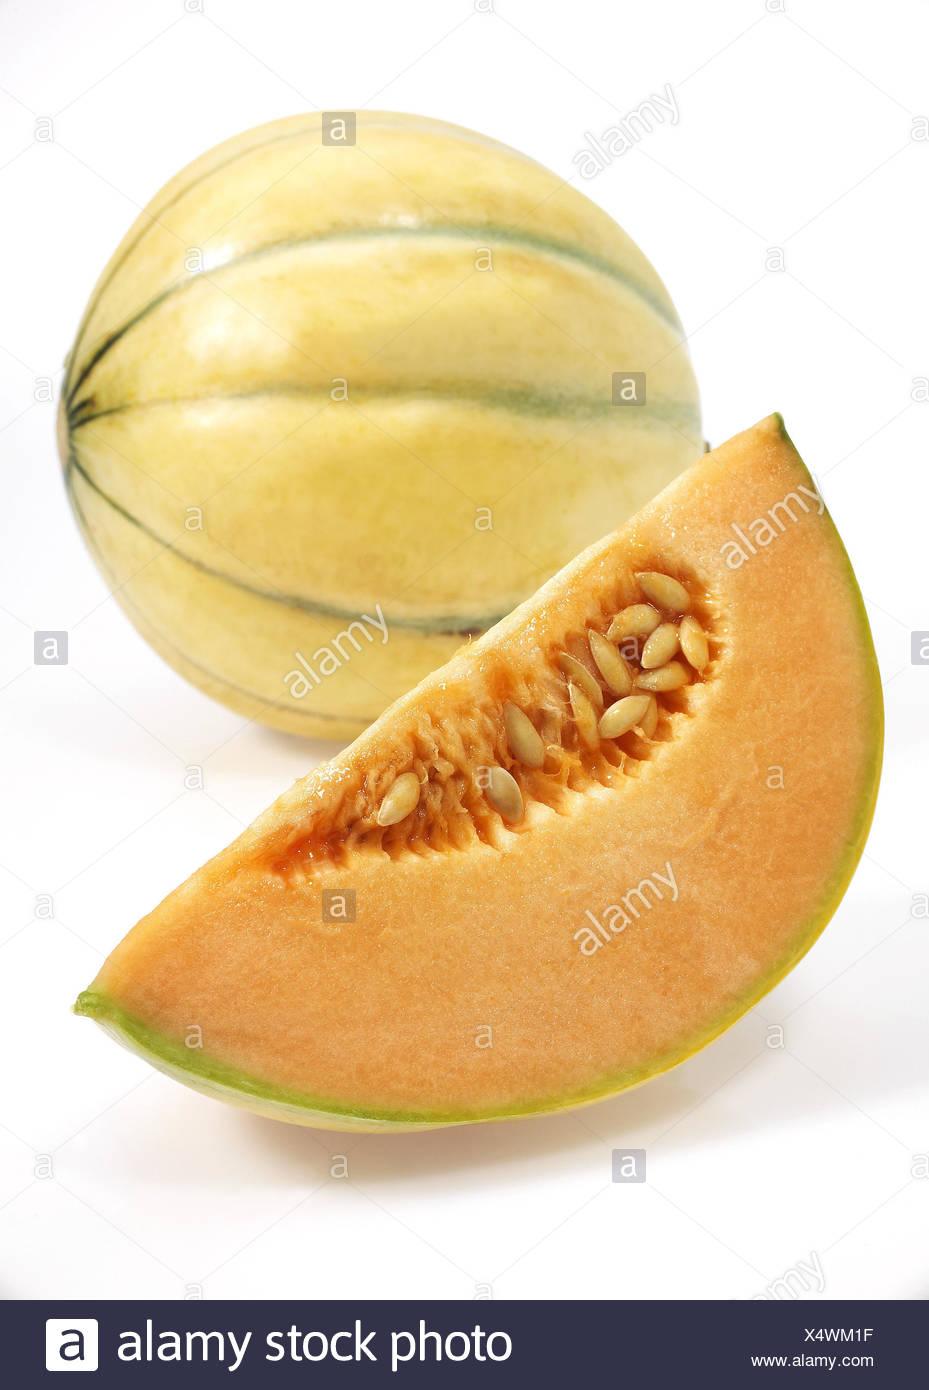 El Melón Honeydew amarillo canario, también amarillo Melón Honeydew, Amarillo, Amarillo, sugar melon Tendral, Cucumis melo, fondo blanco Imagen De Stock